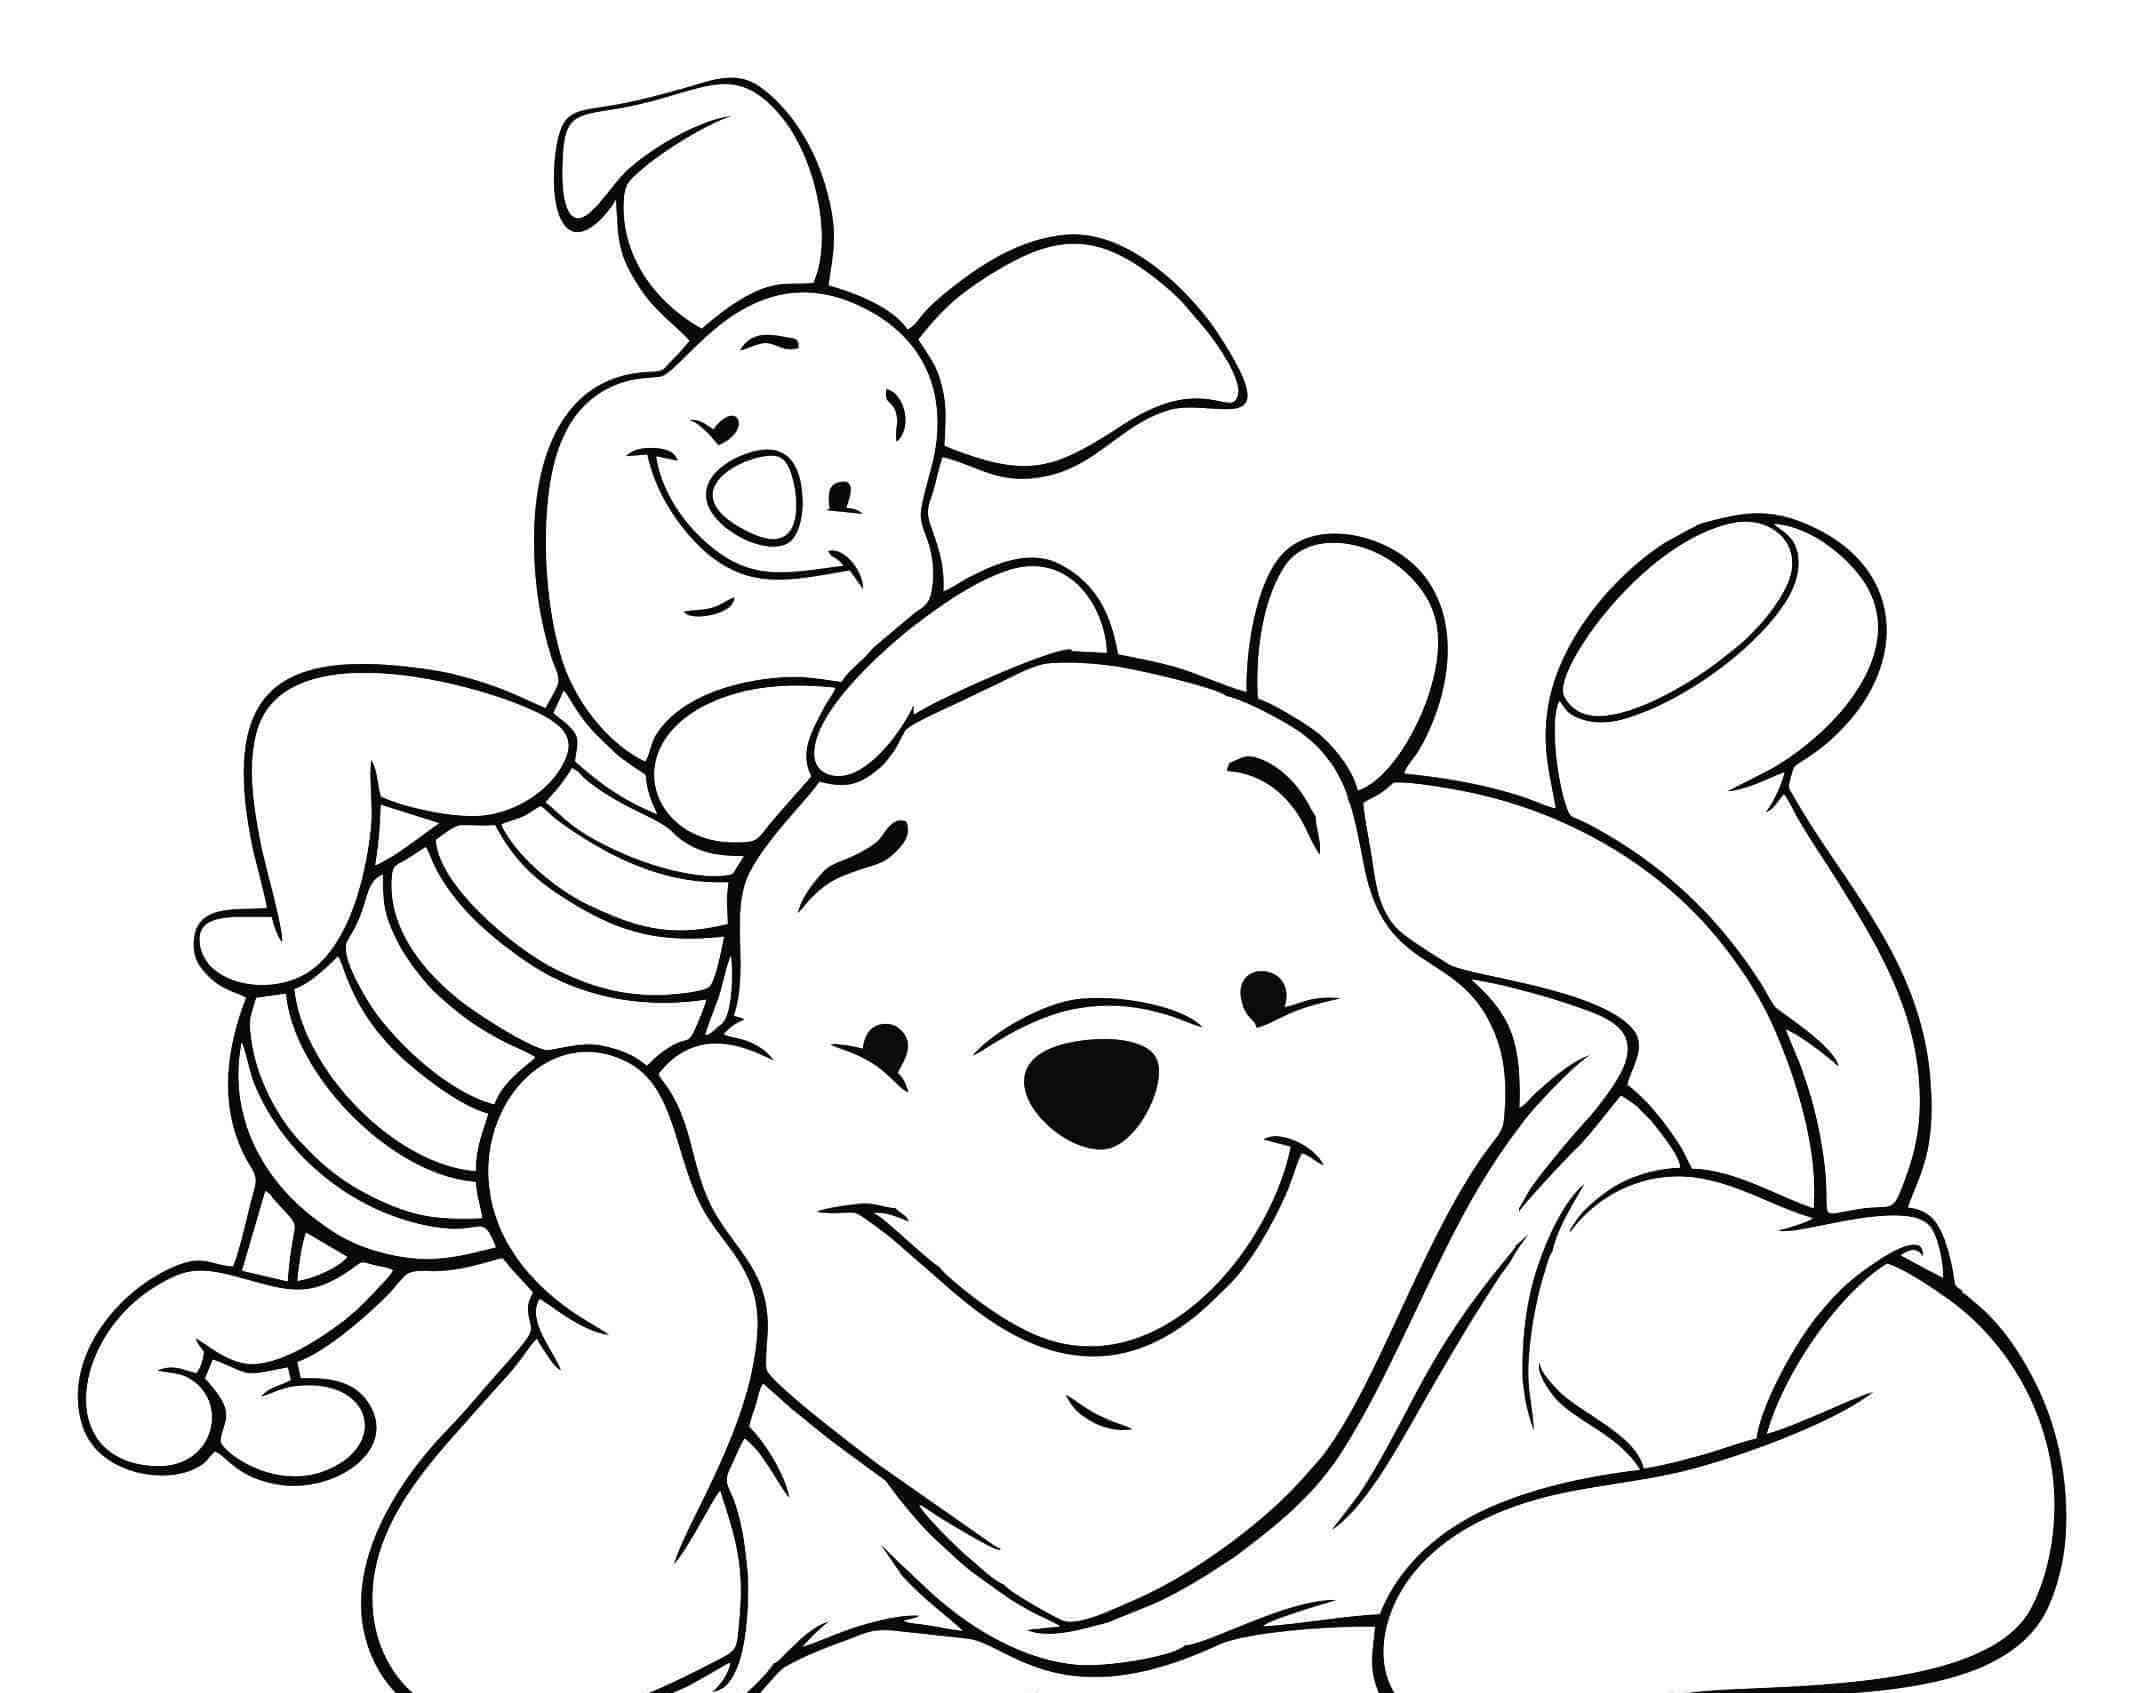 Desenhos Para Pintar E Imprimir Infantil Artesanato Passo A Passo